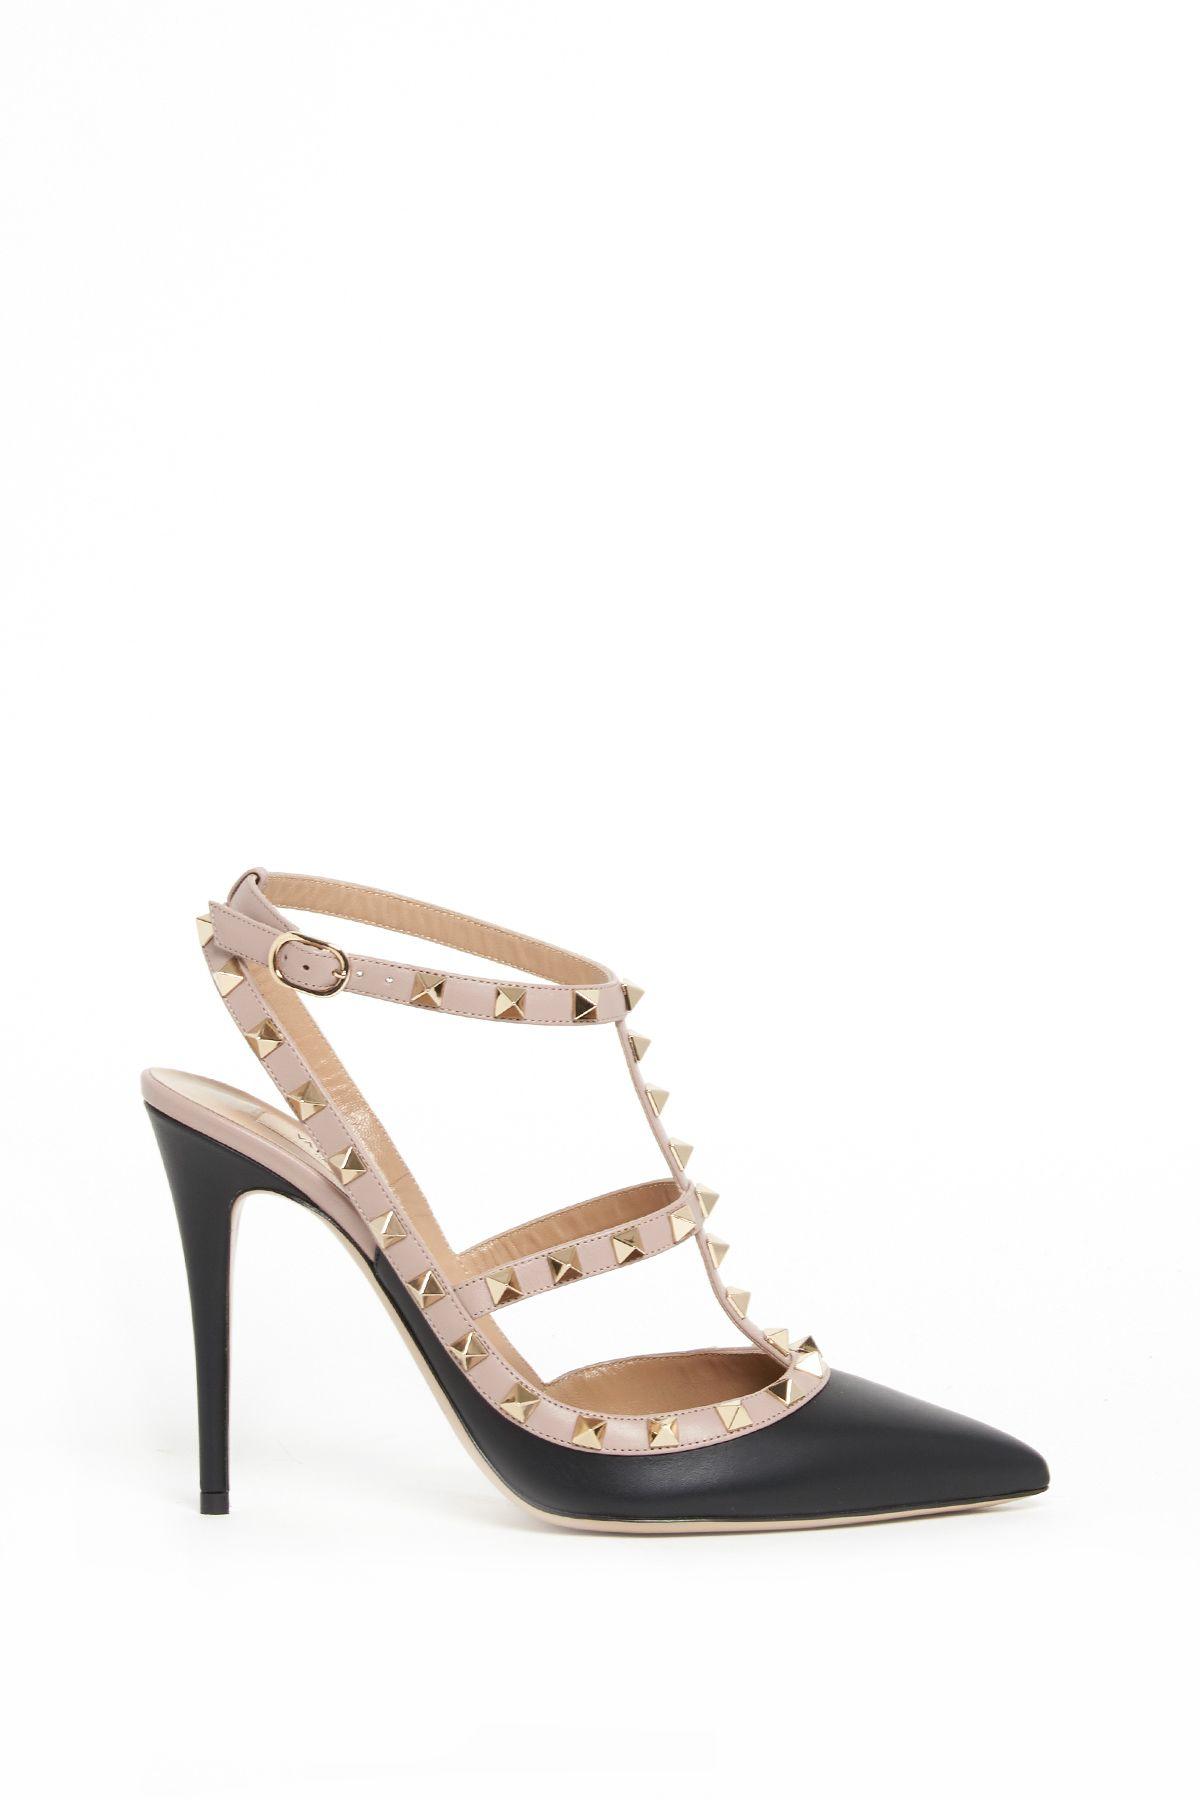 Valentino Garavani - Valentino Garavani Shoes - Black ...